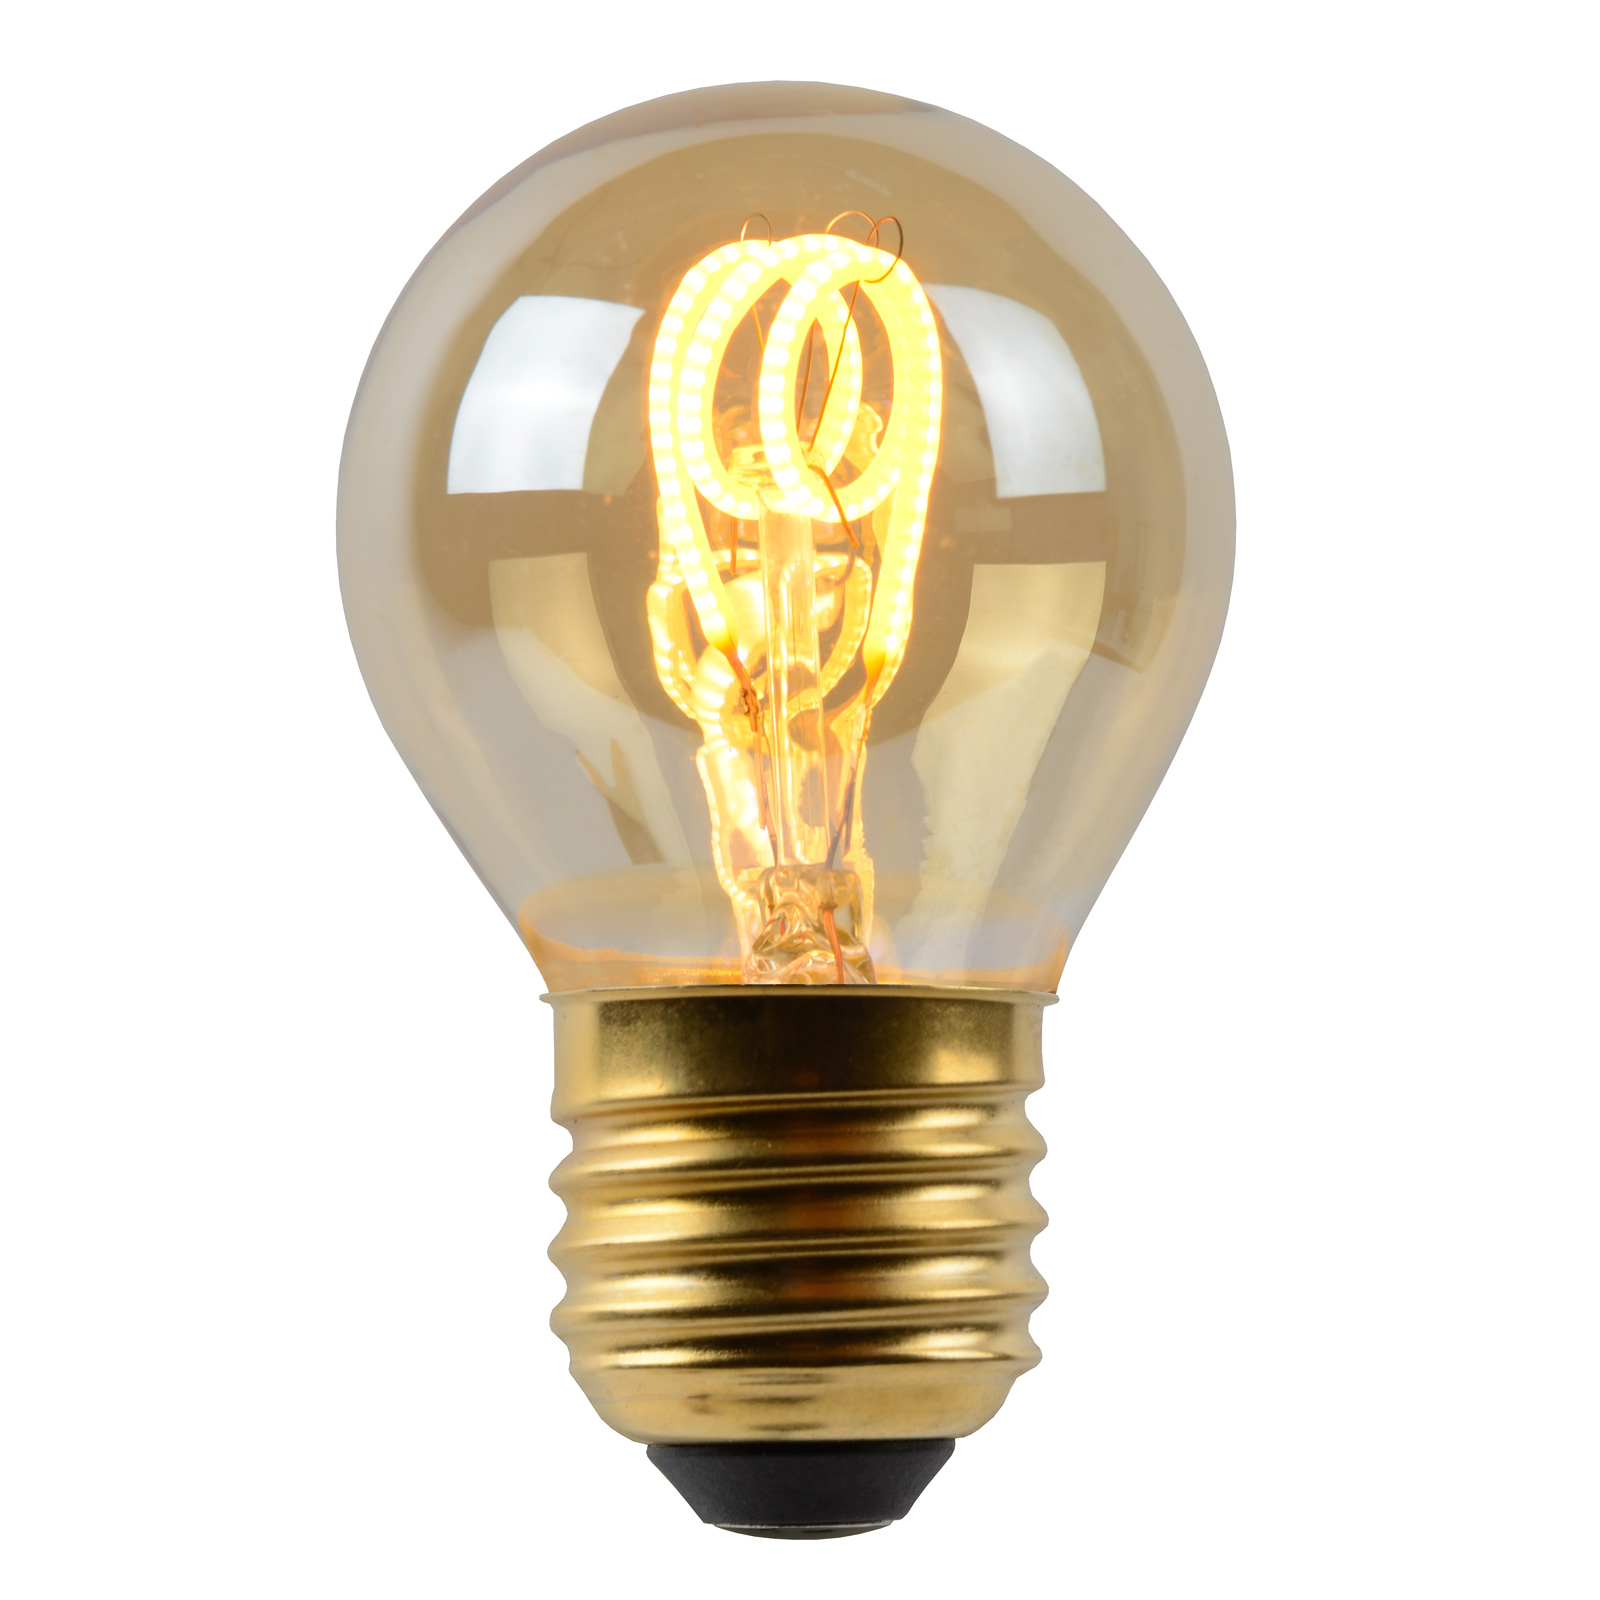 LED-pære E27 G45 3W, rav, 2.200K, kan dæmpes